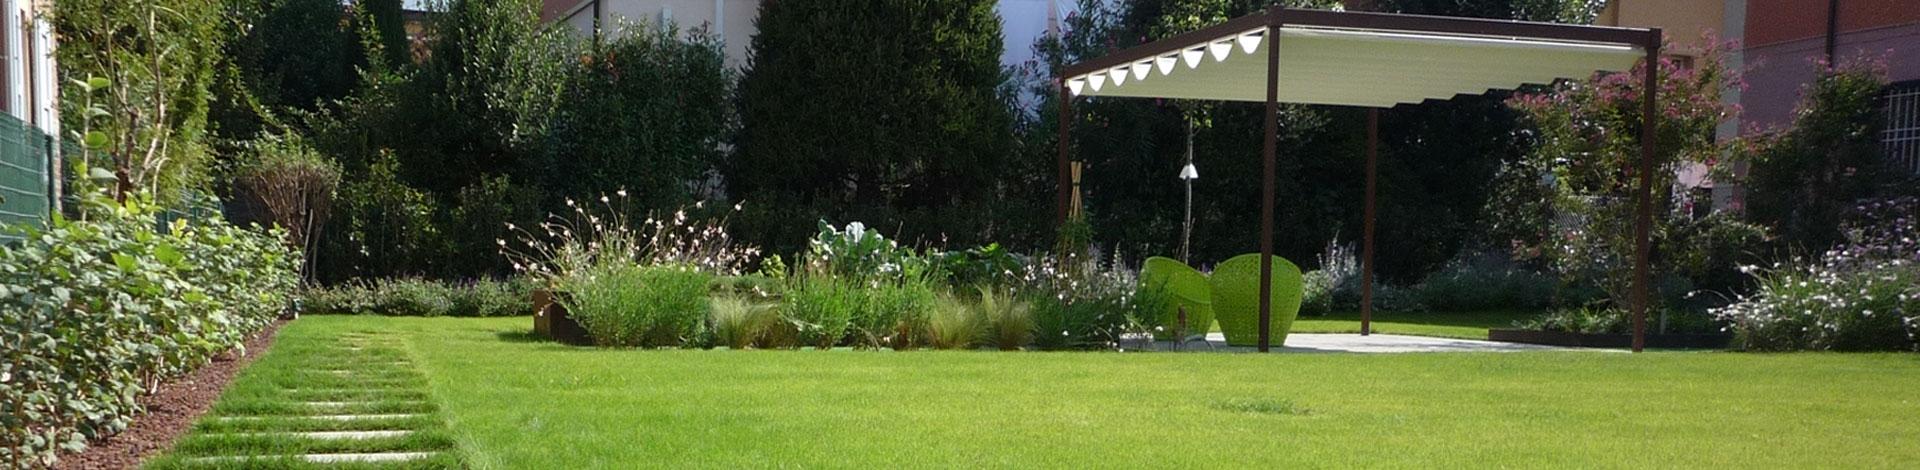 Come creare un giardino zen ecco come fare with come for Giardini zen da casa